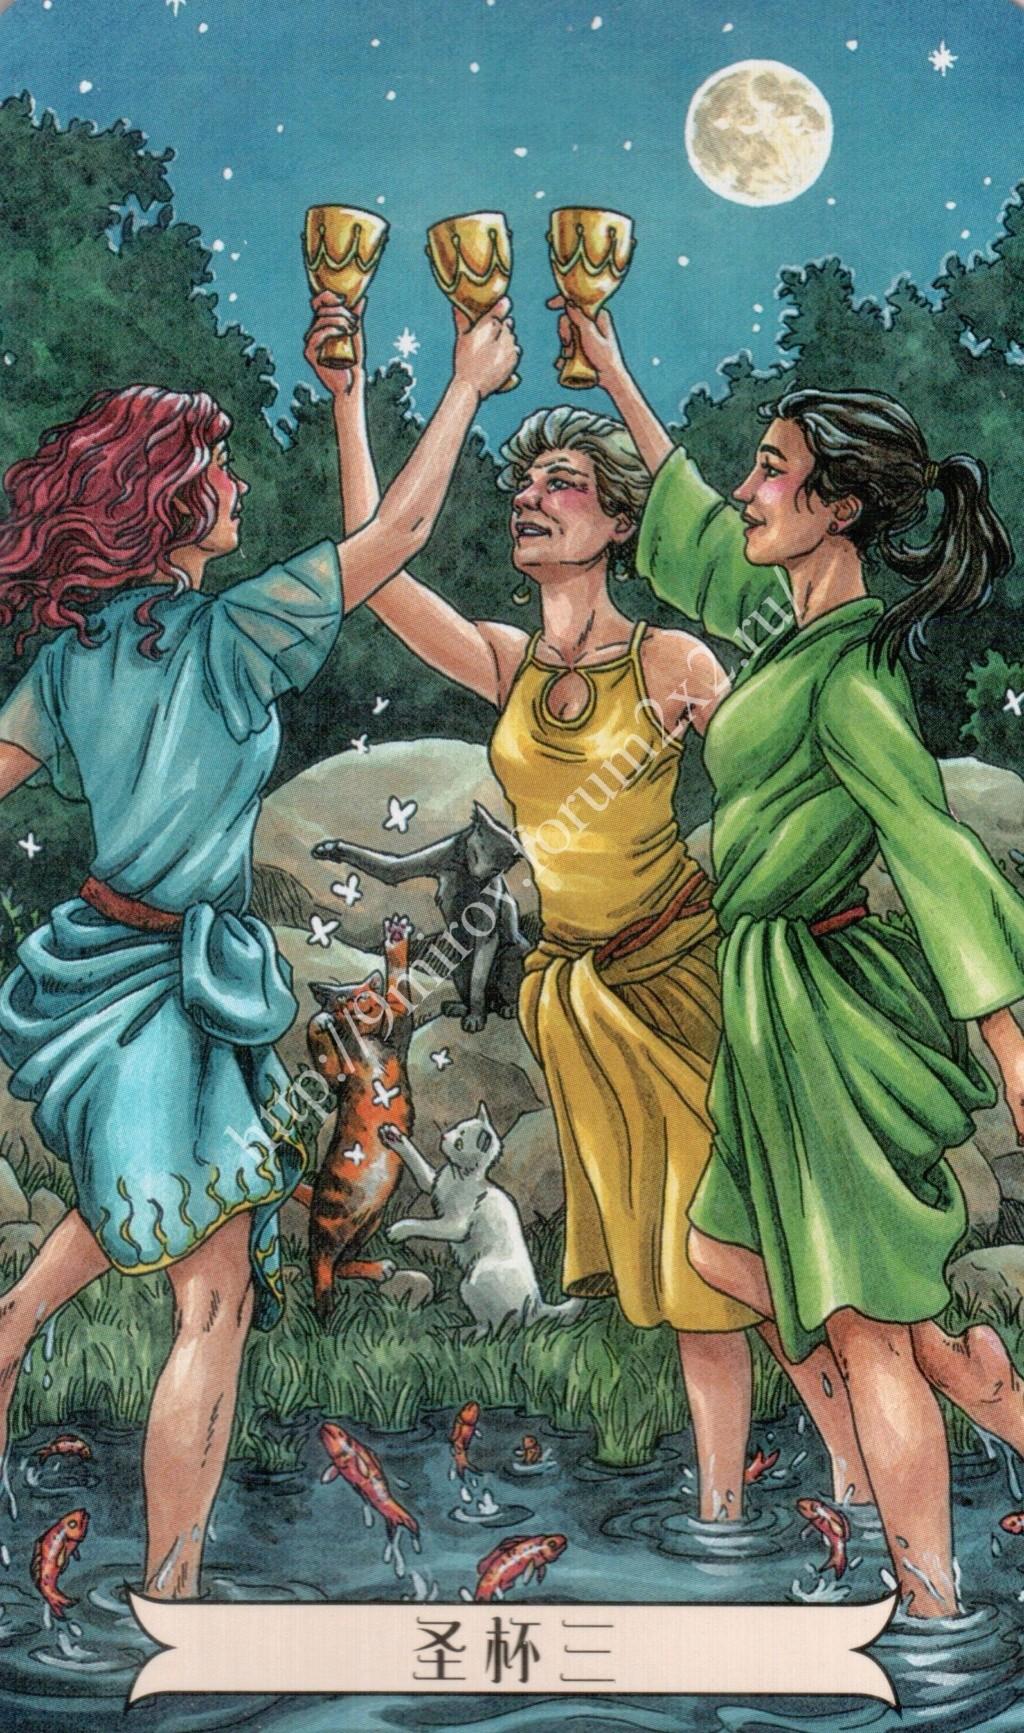 """""""Ведьма каждый день"""" (Ведьма день за днем, Everyday Witch Tarot). Китайская версия. Галерея.   Waterm35"""